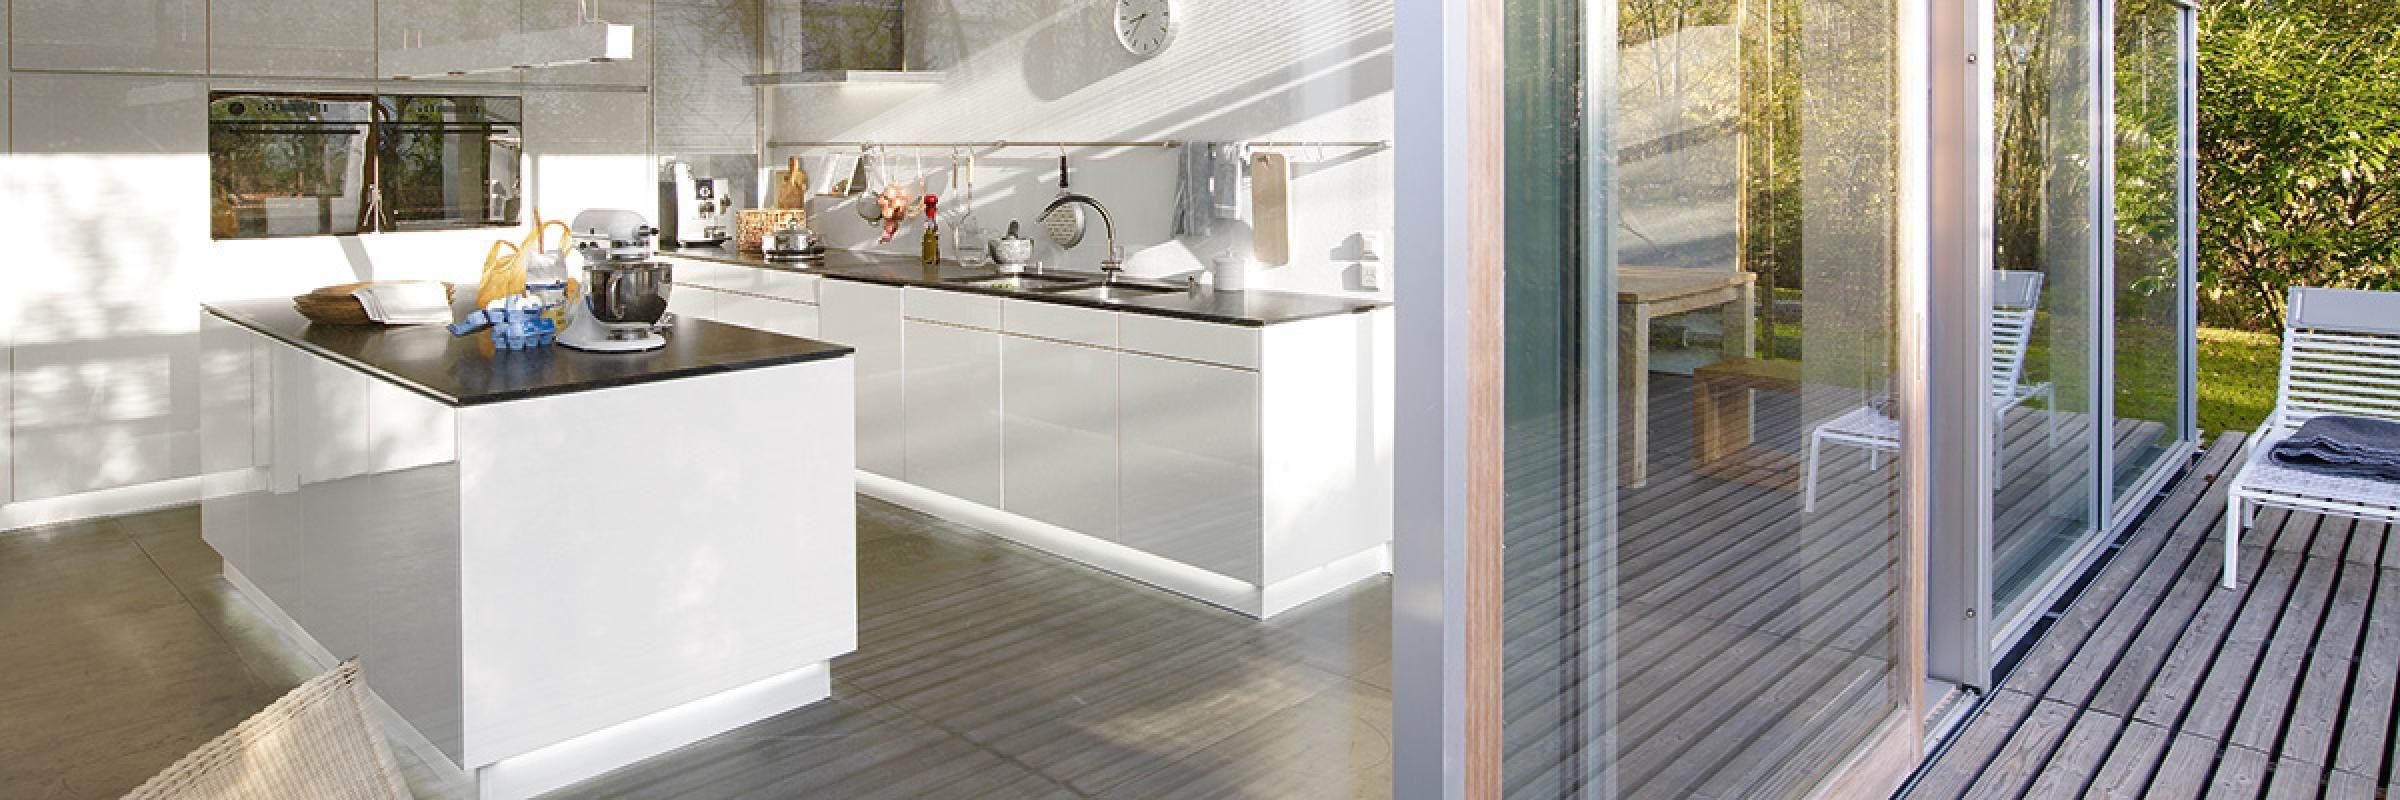 kitchen white island (Piatti Küche Bianco) | kitchen | Pinterest ...